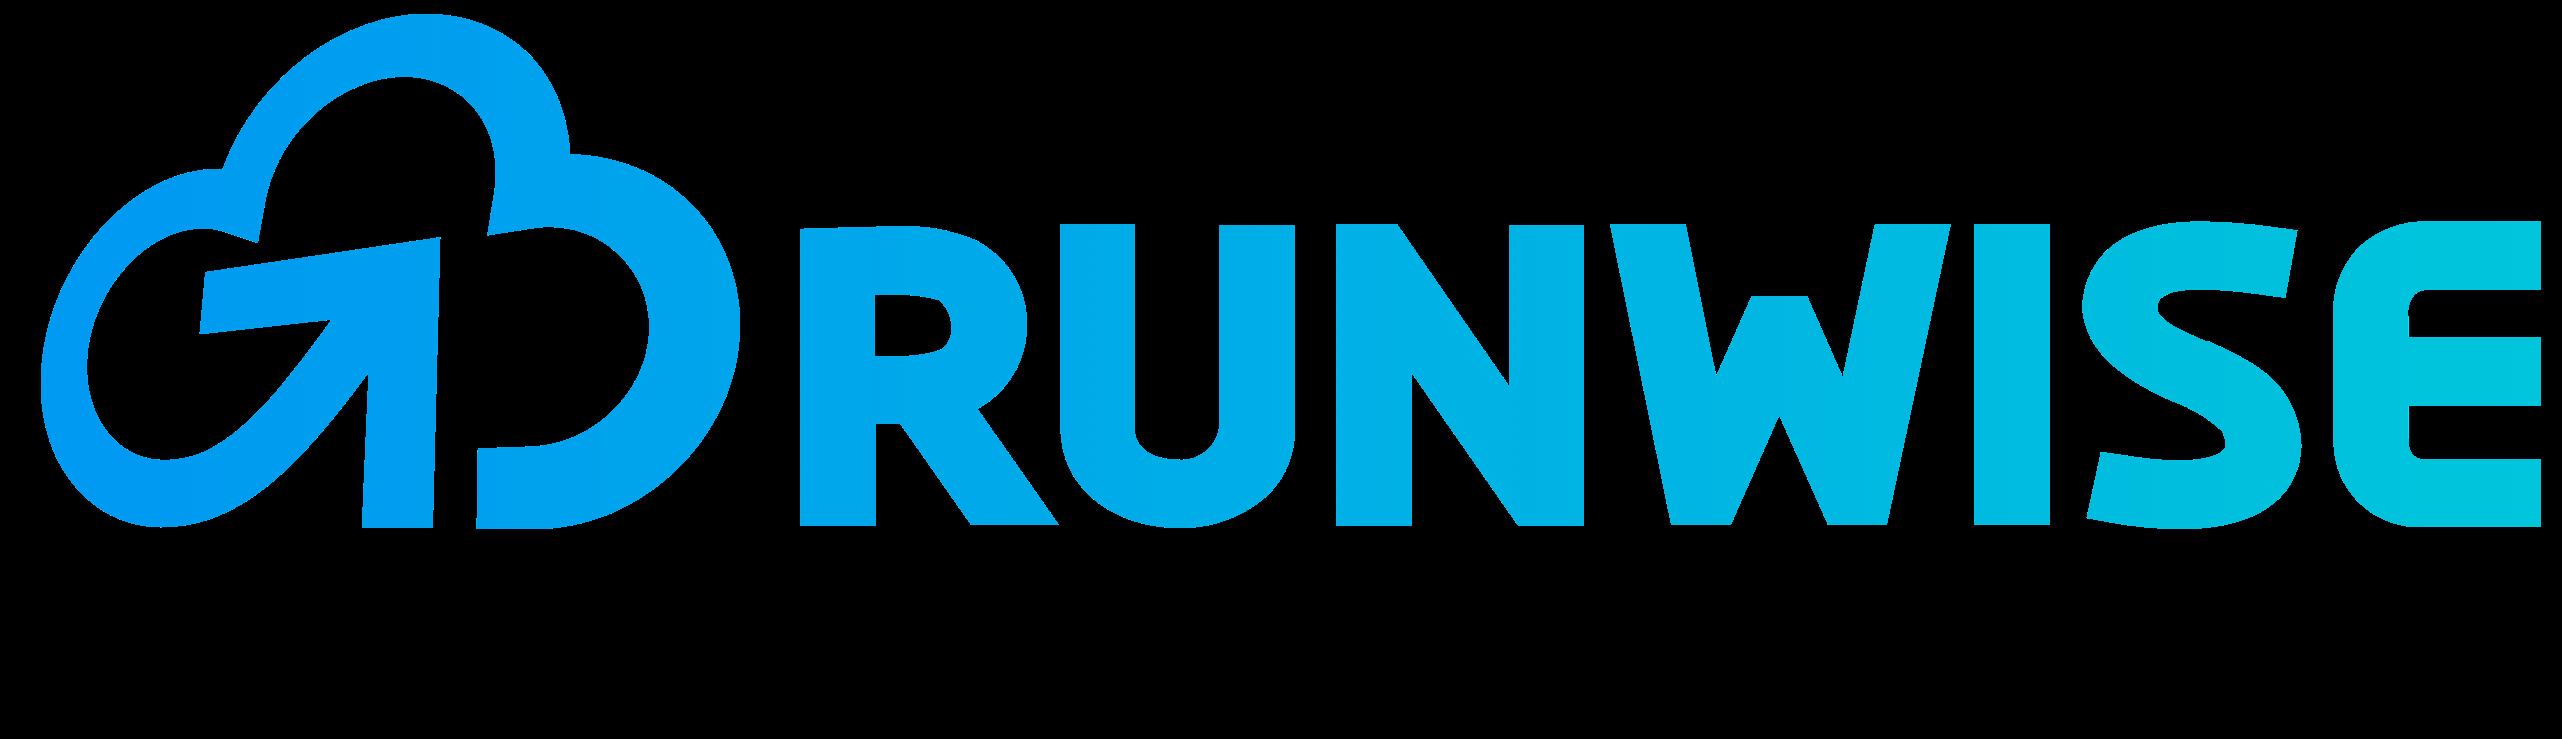 Runwise logo